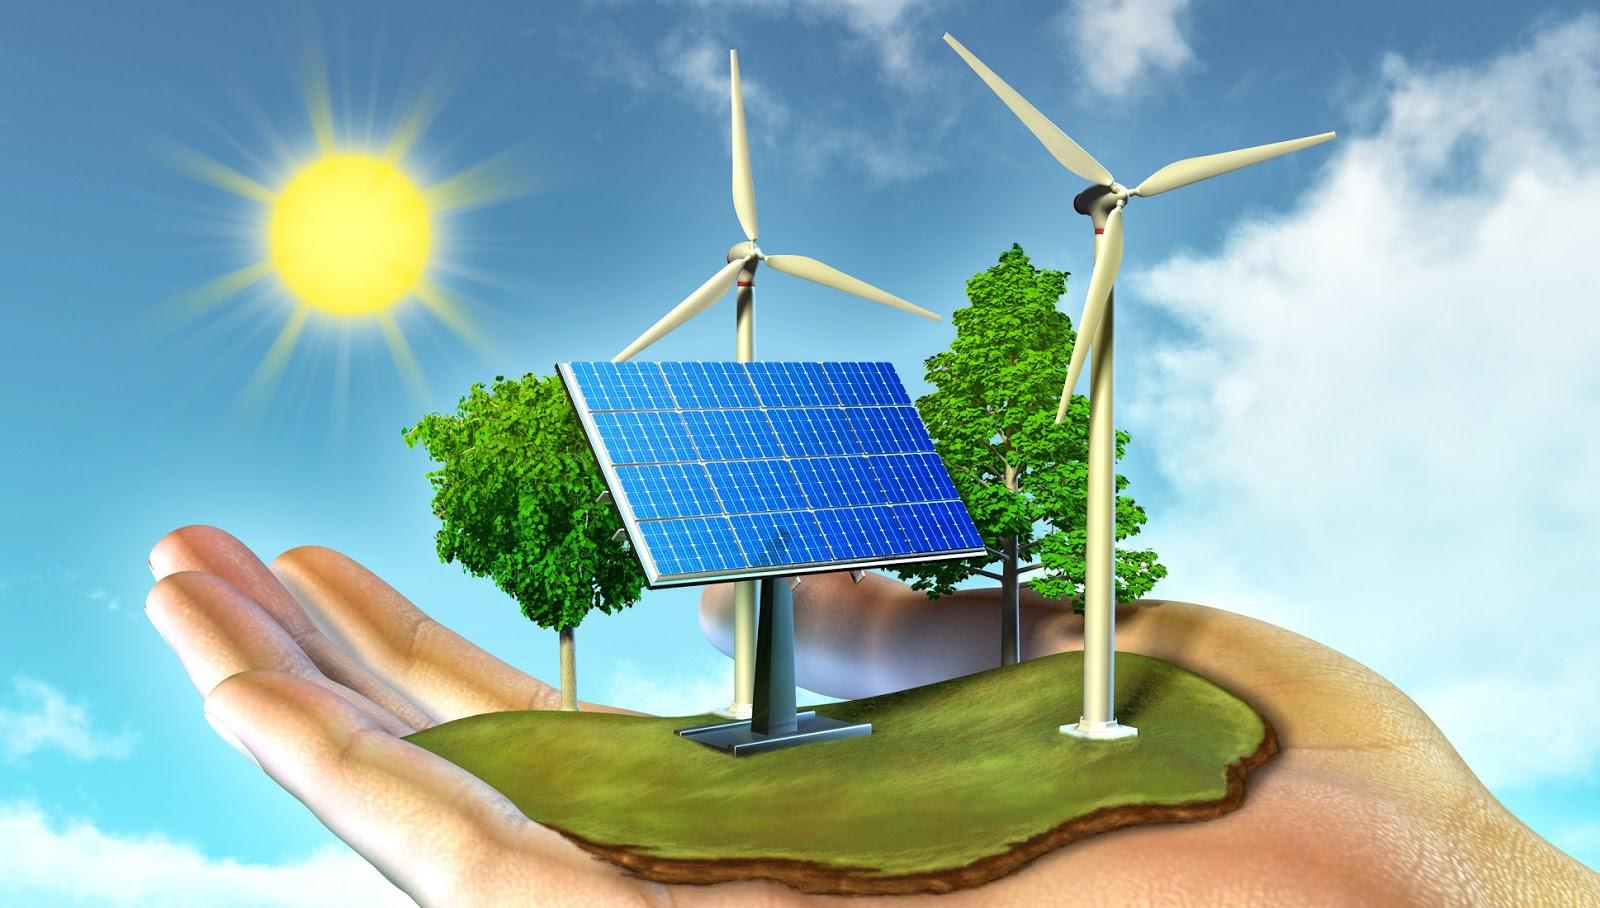 Energía asequible y no contaminante: objetivo de desarrollo sostenible